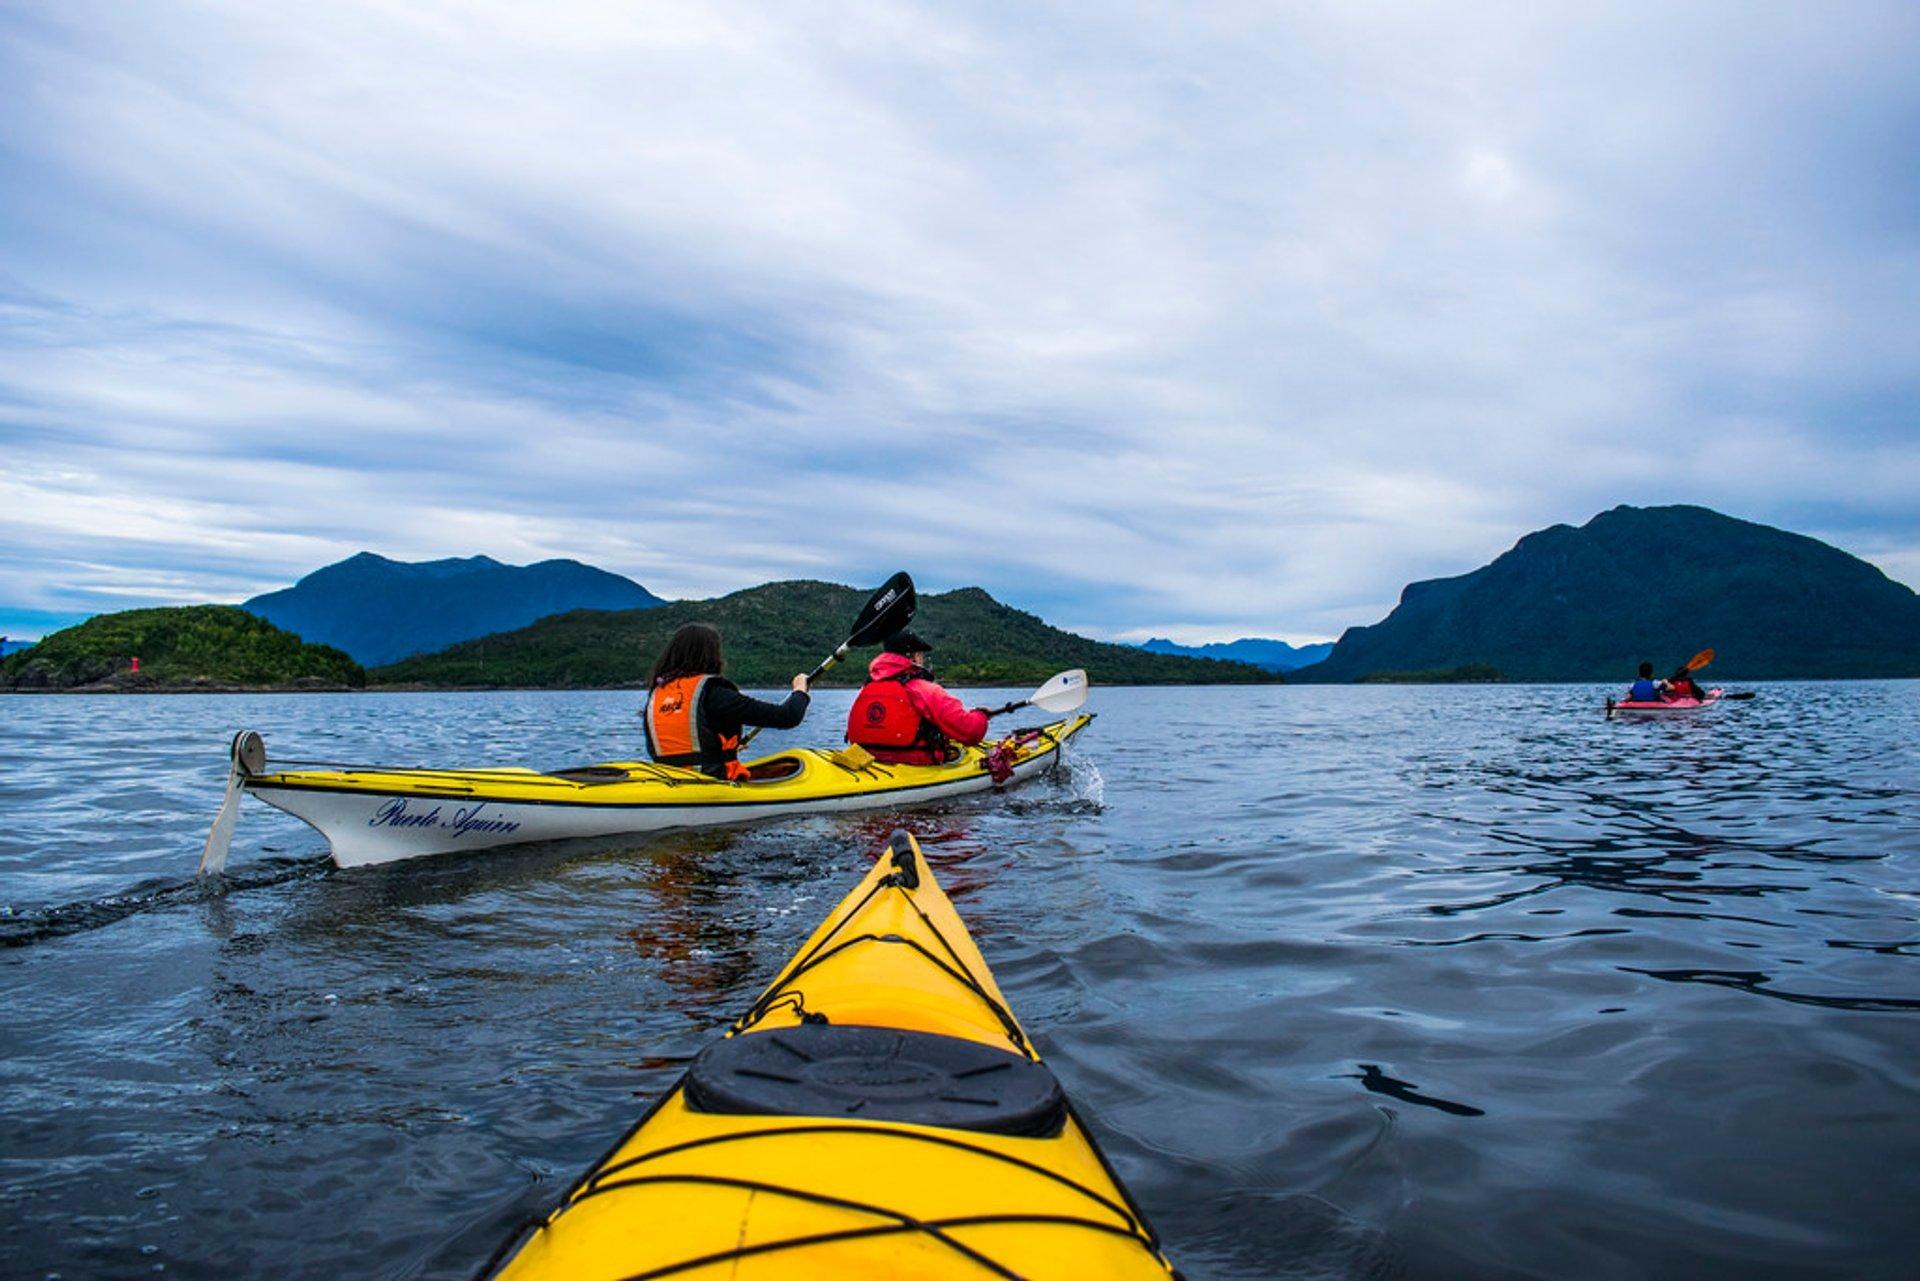 Kayaking in Patagonia 2019 - Best Time